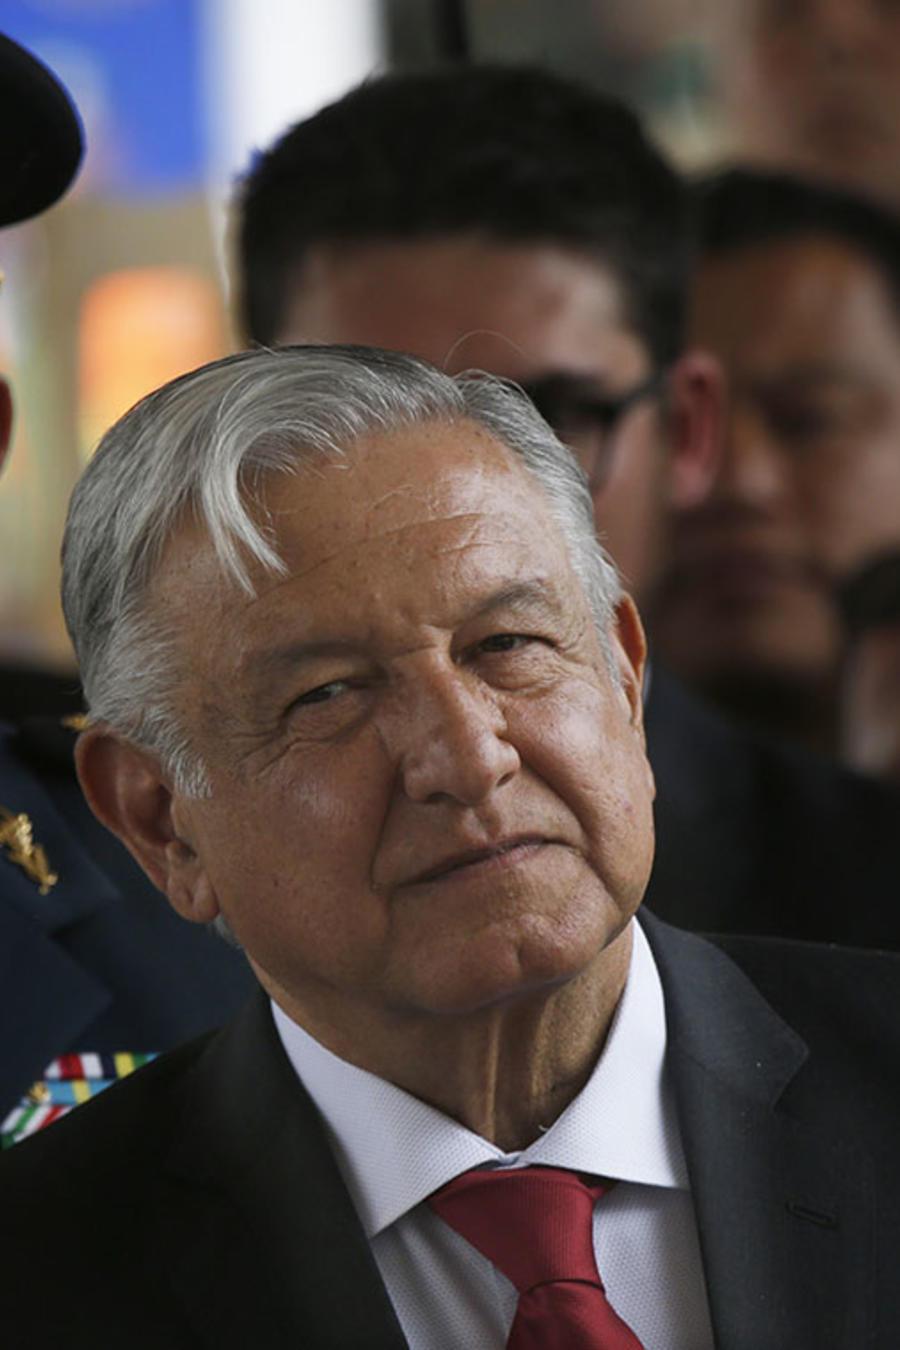 El presidente de México, Andrés Manuel López Obrador, durante una ceremonia militar en la Ciudad de México.